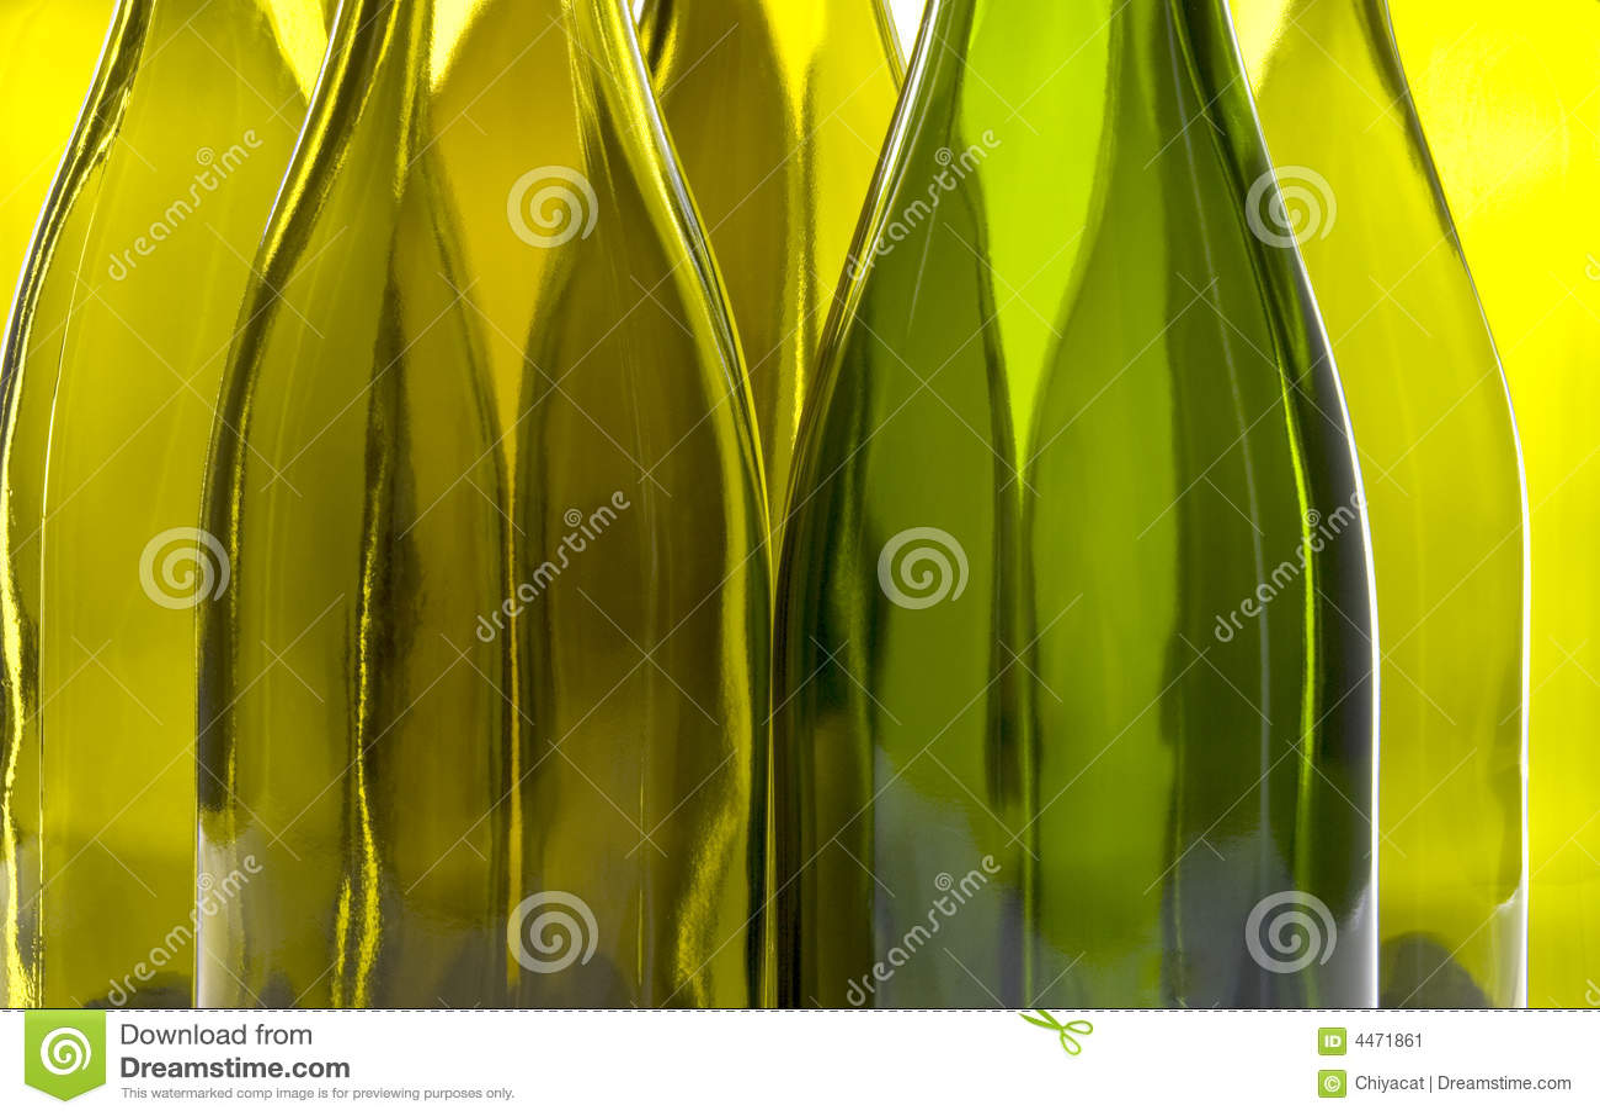 Bouteilles de vin vides